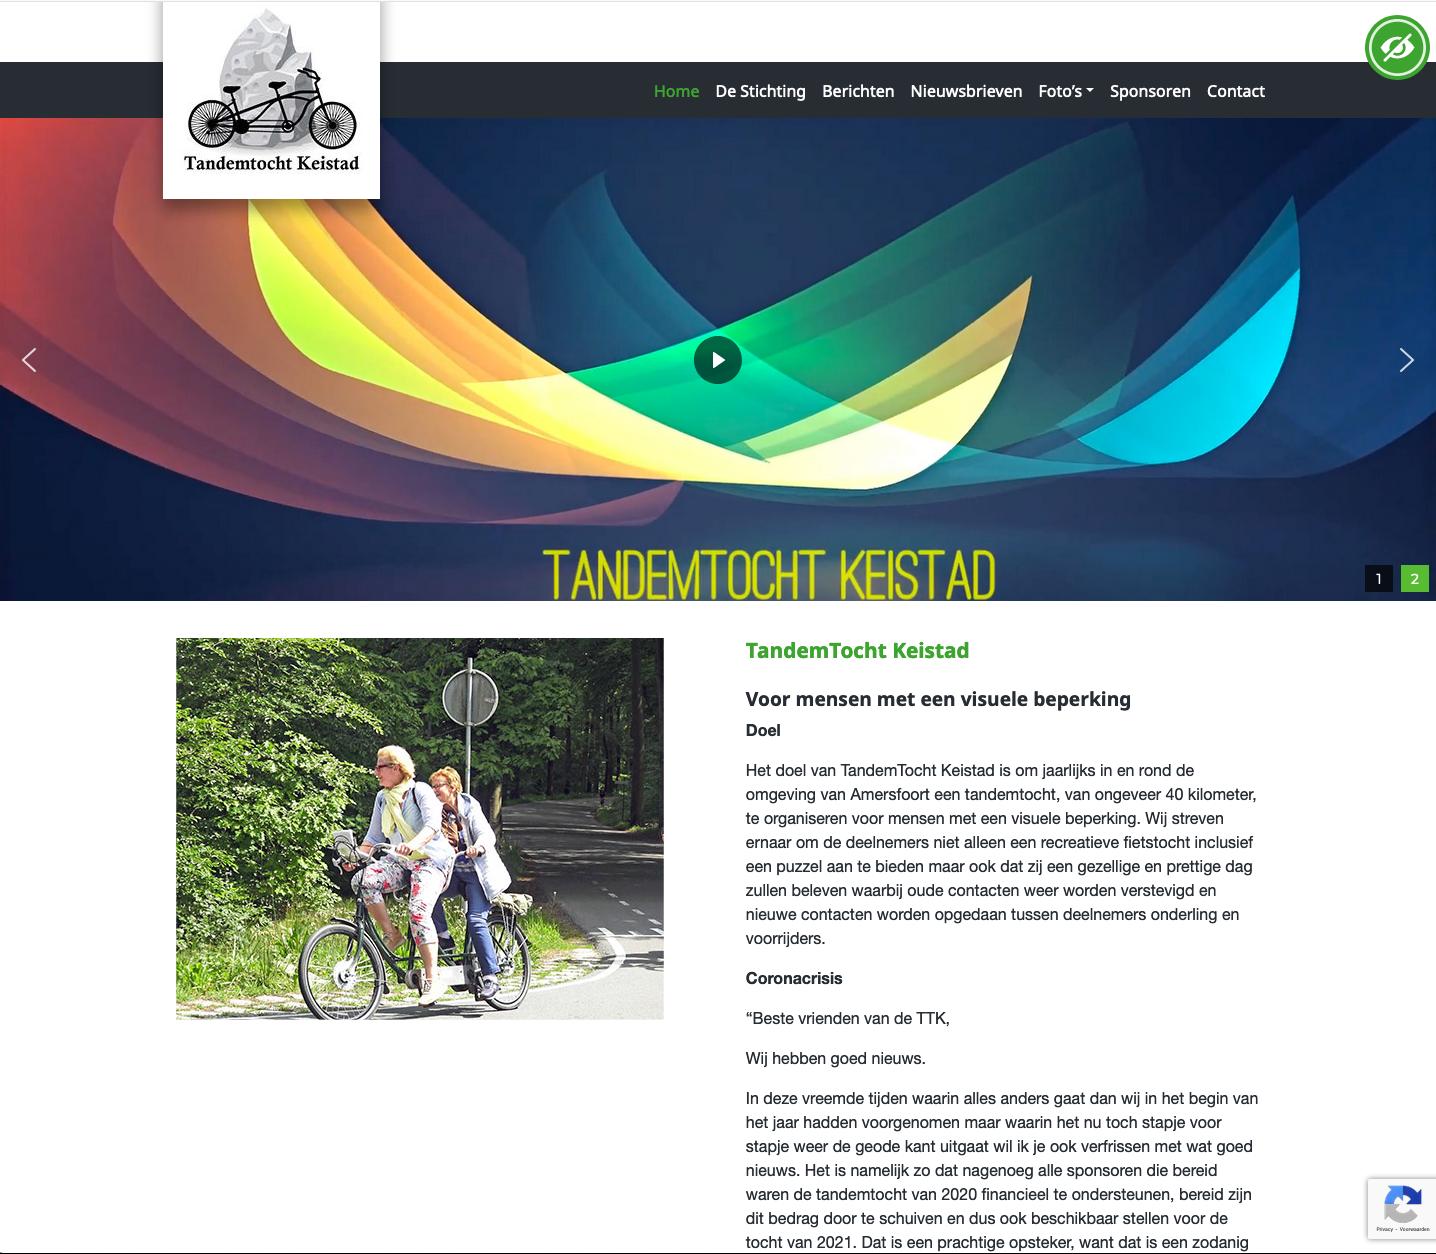 Stichting TandemTocht Keistad